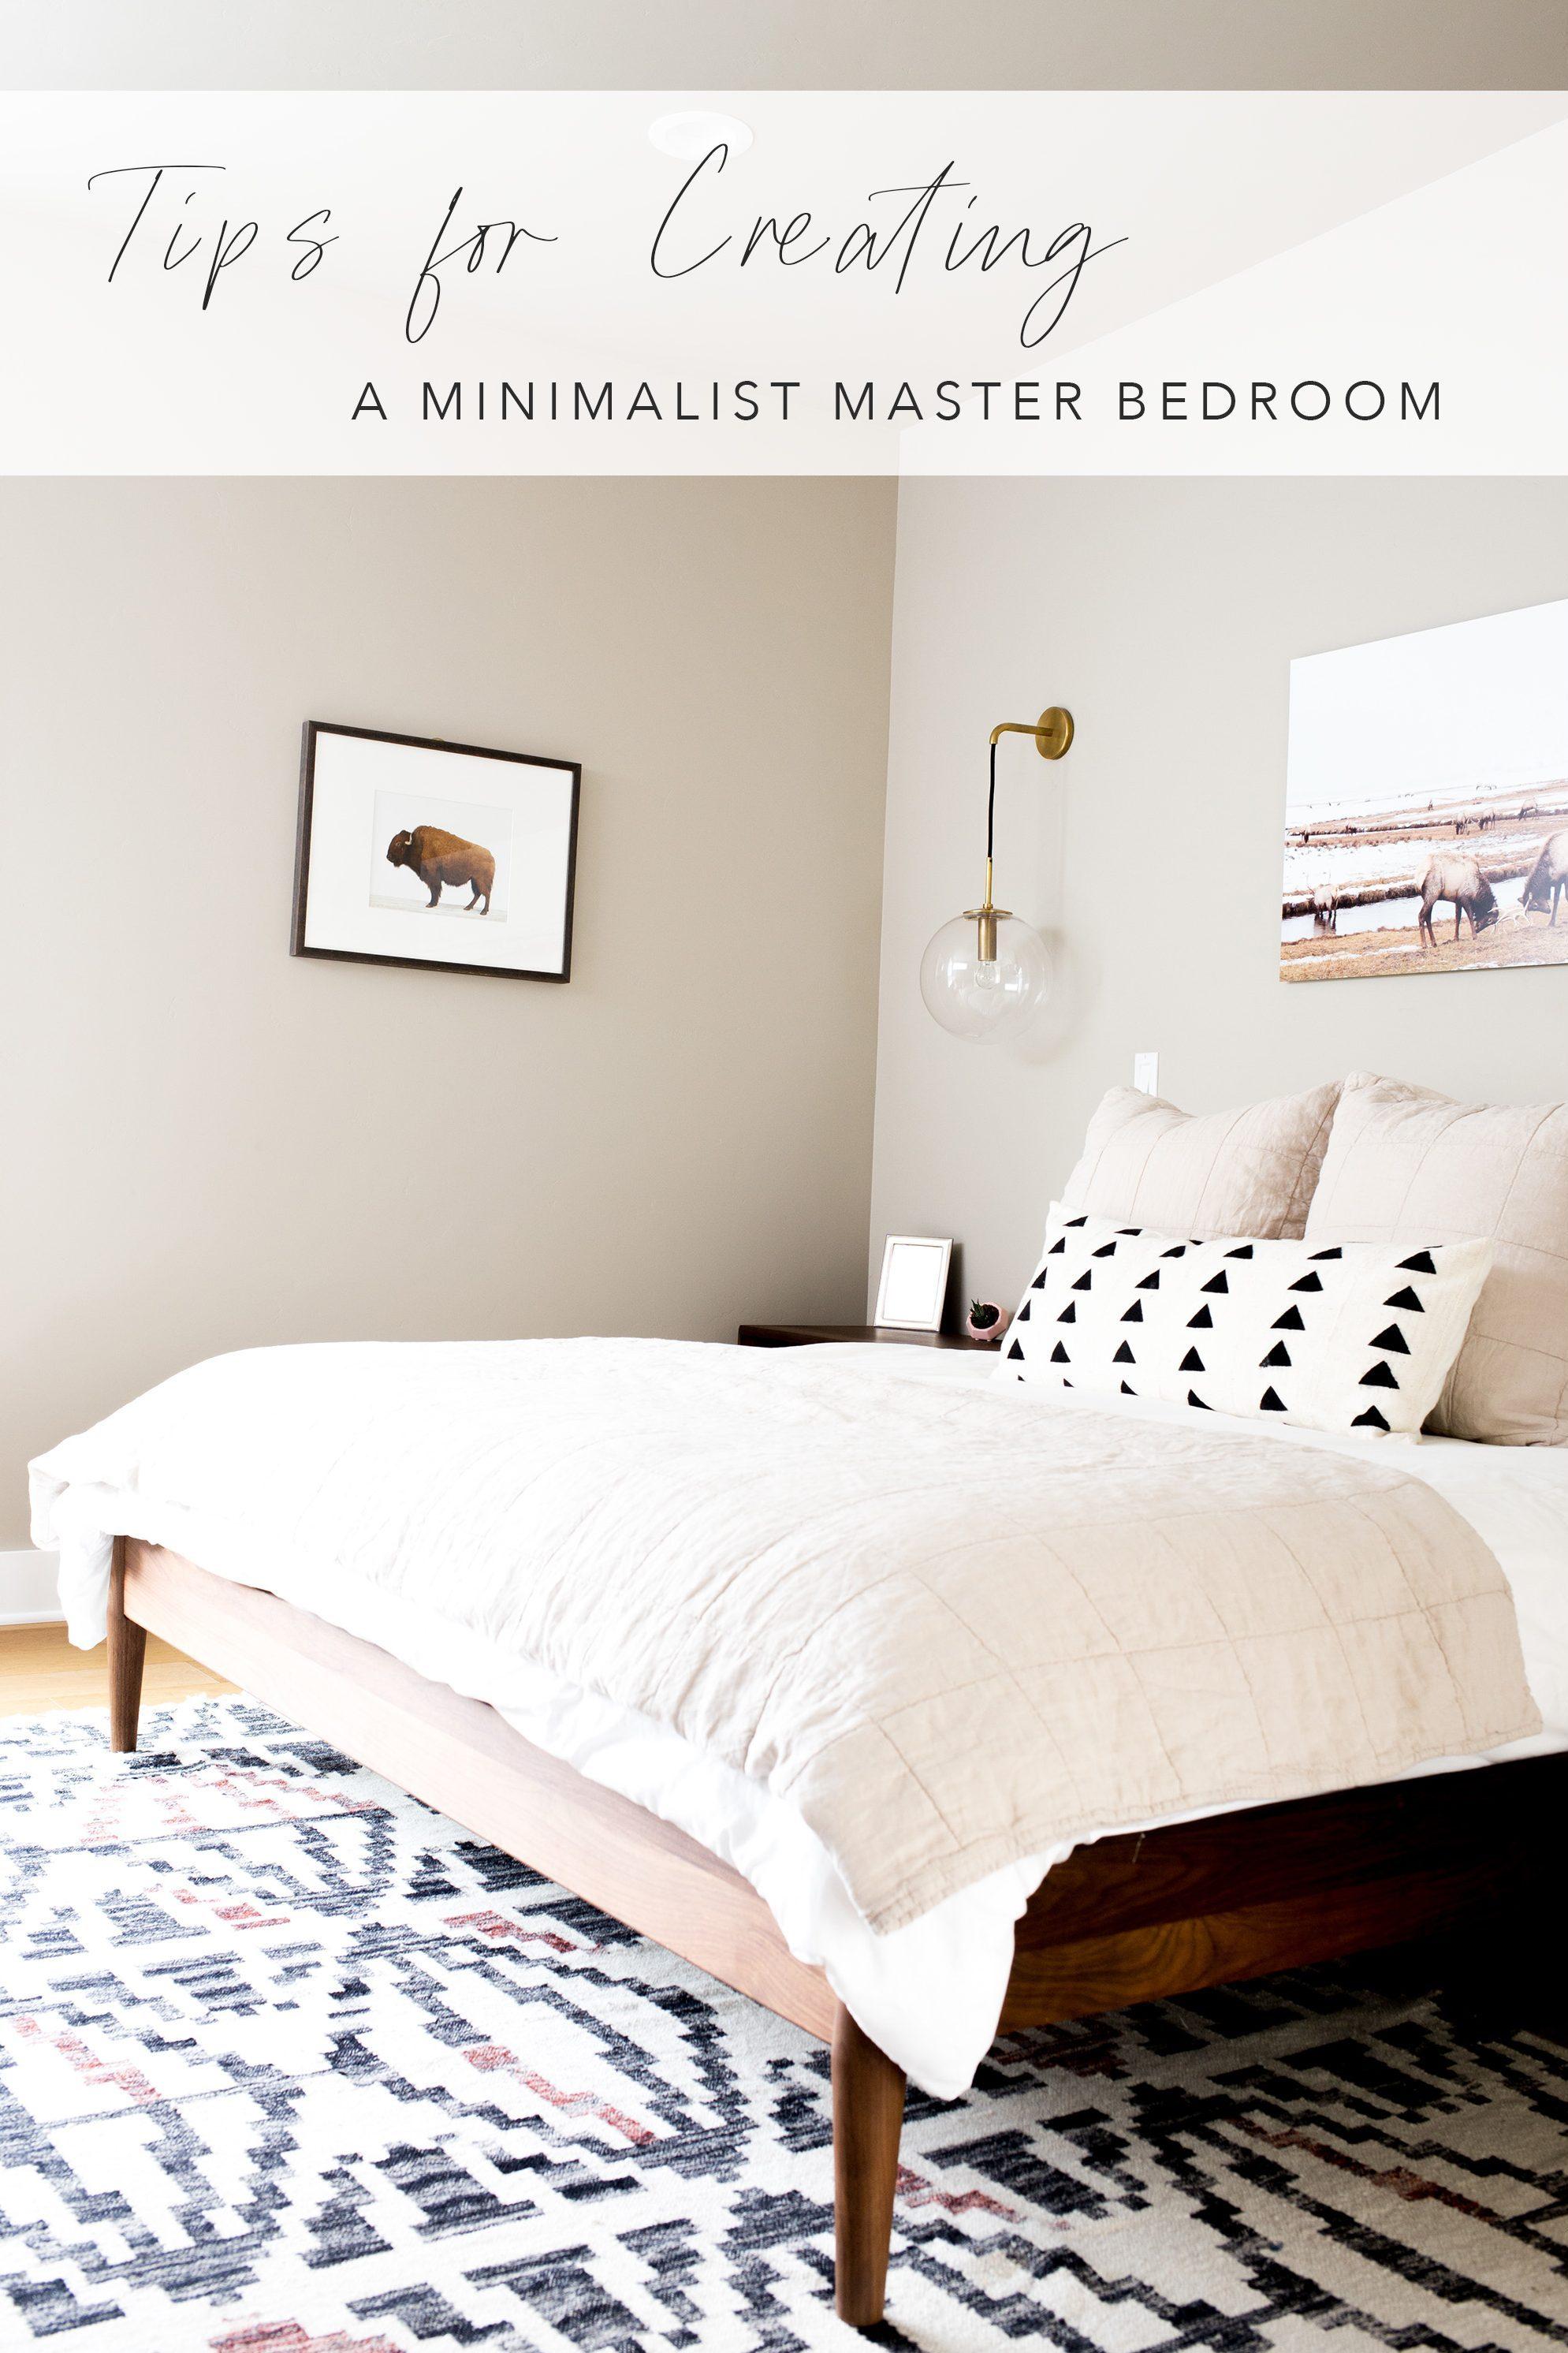 Our Minimalist Master Bedroom Modern Minimalism